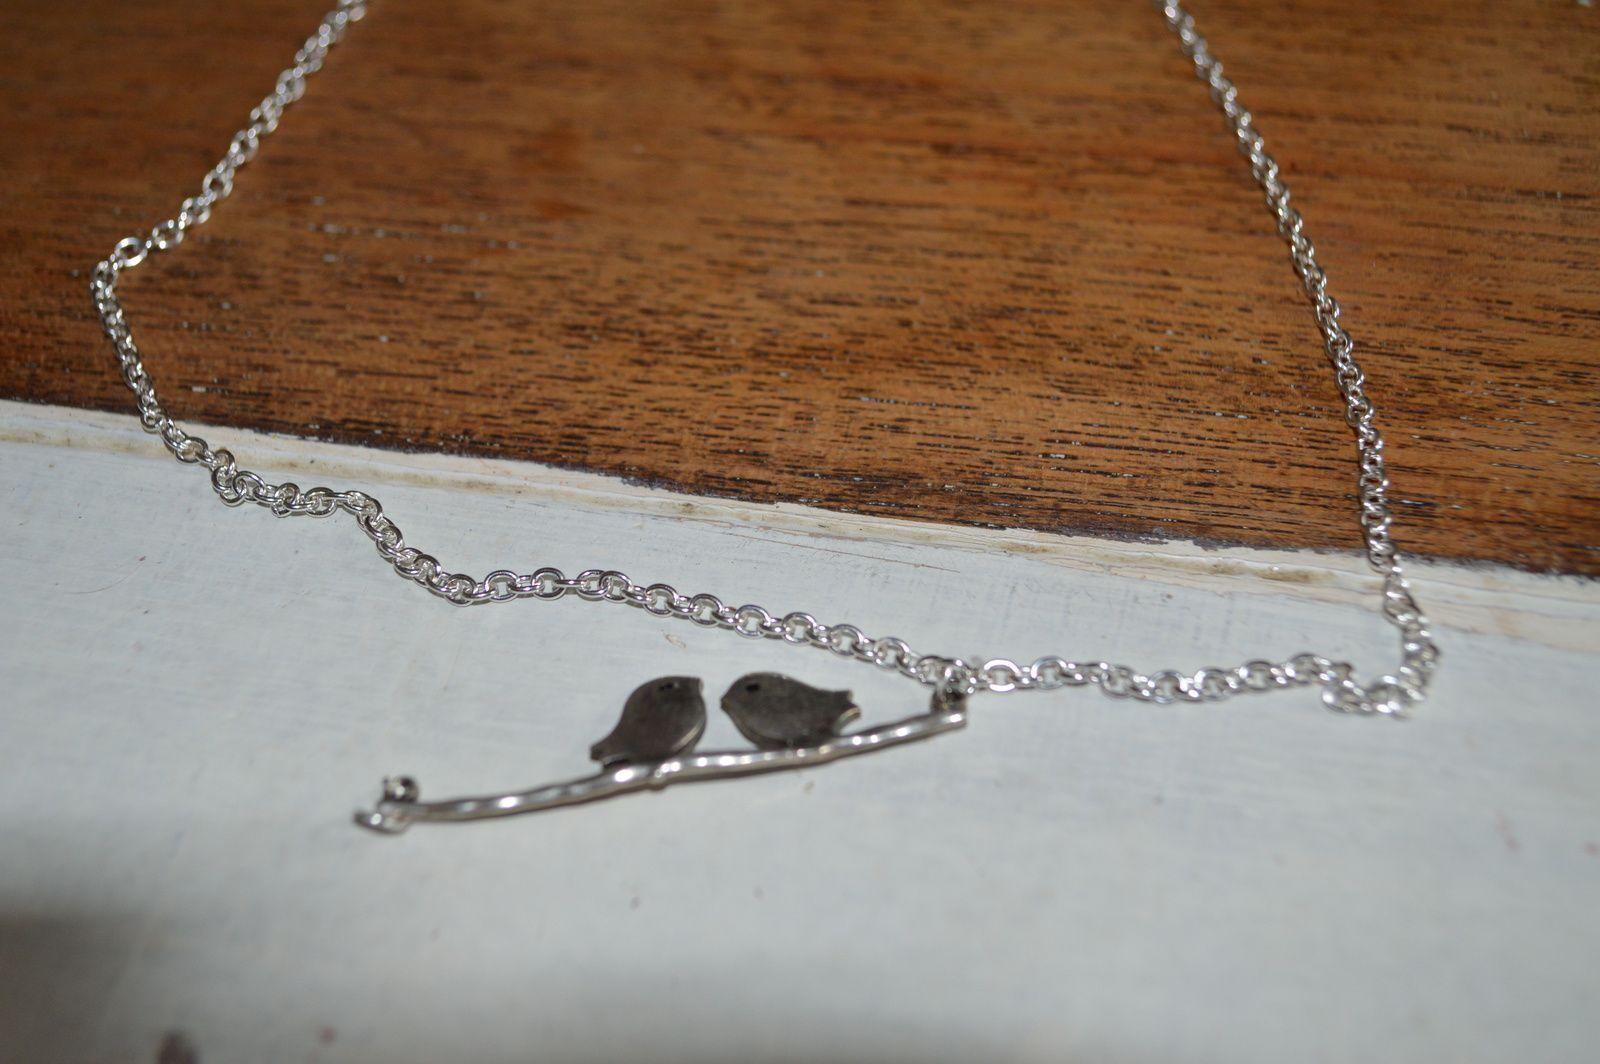 accrochage de l'anneau au pendentif et à la chaîne